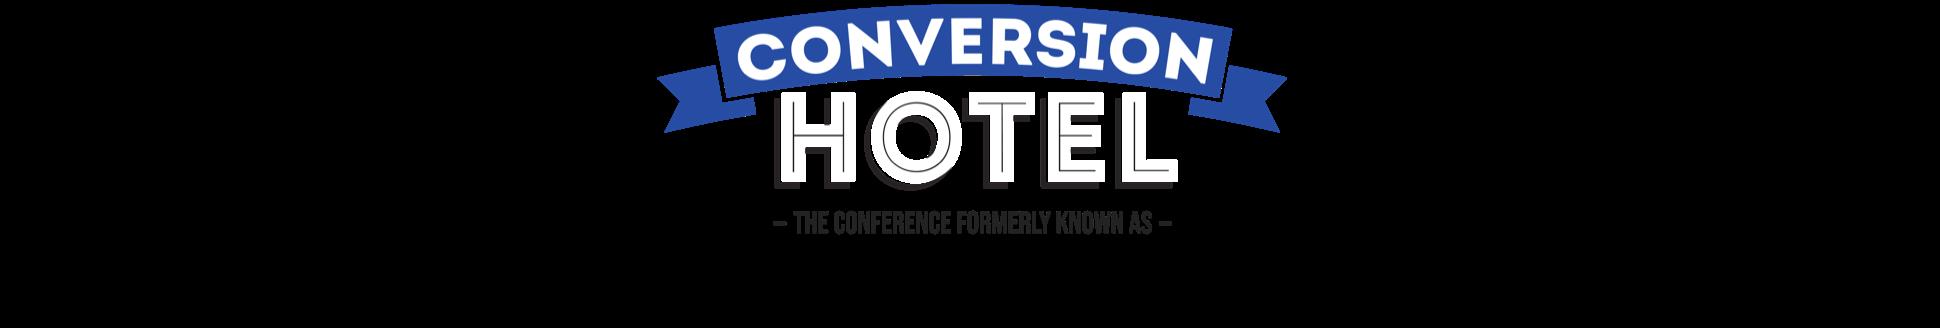 ch2019 conversion hotel